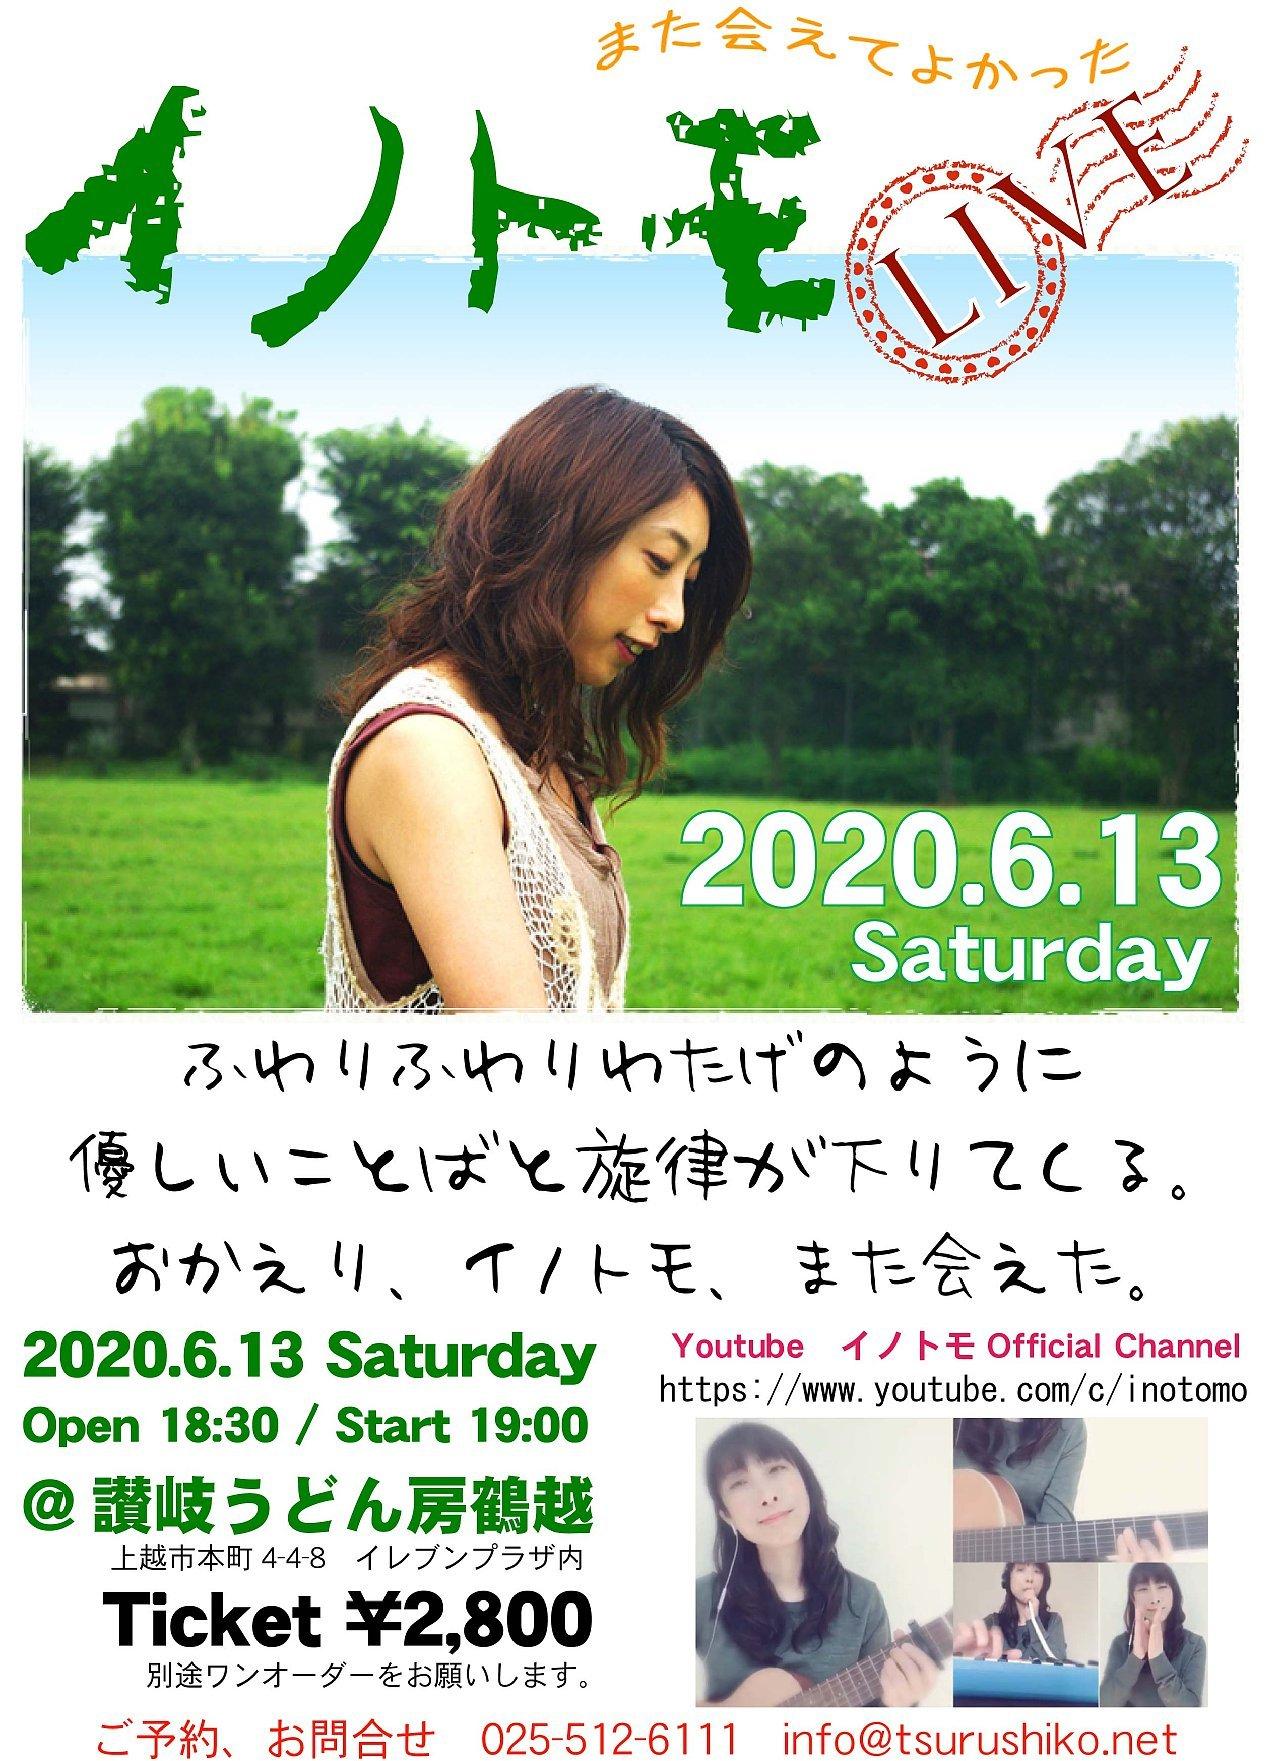 6/13土曜「イノトモおかえりライブ」開催予定のお知らせ_c0092877_00320896.jpg